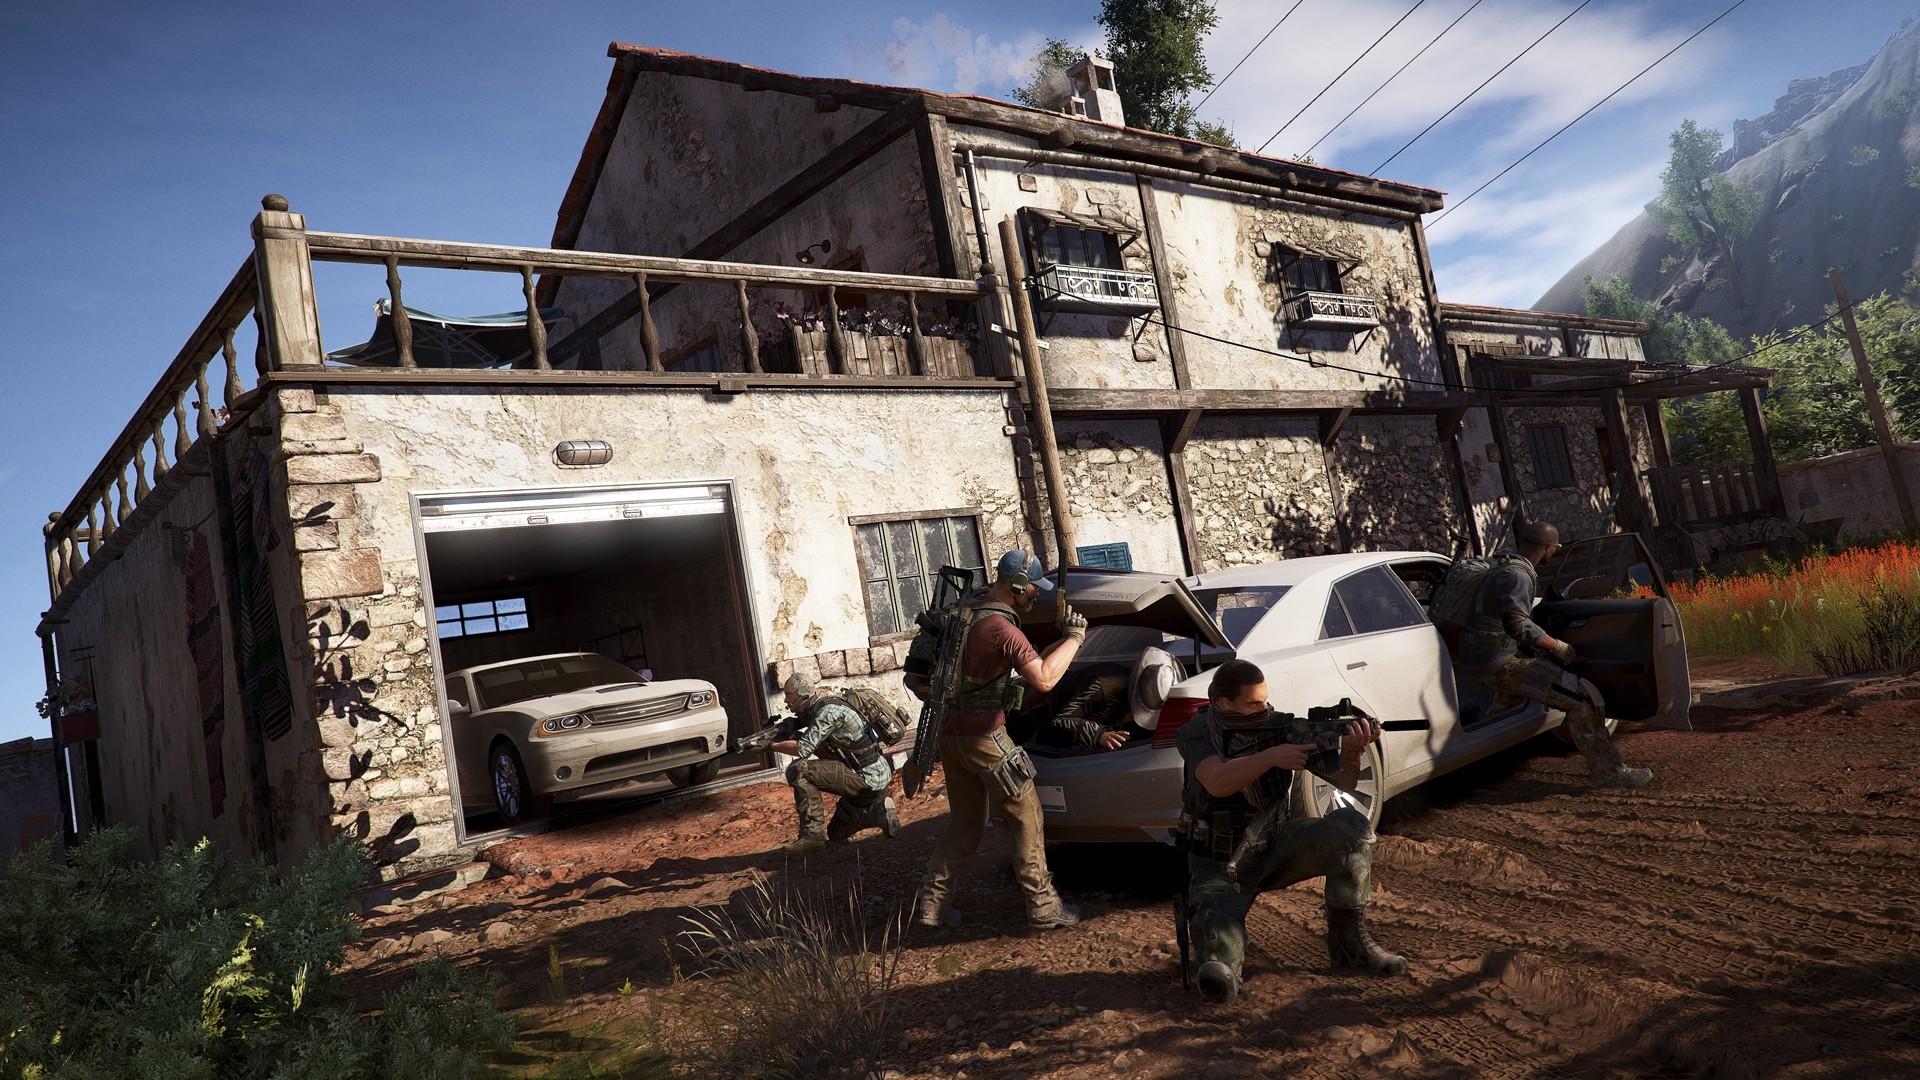 幽灵行动荒野PC版游戏截图 沙盒画风令人震